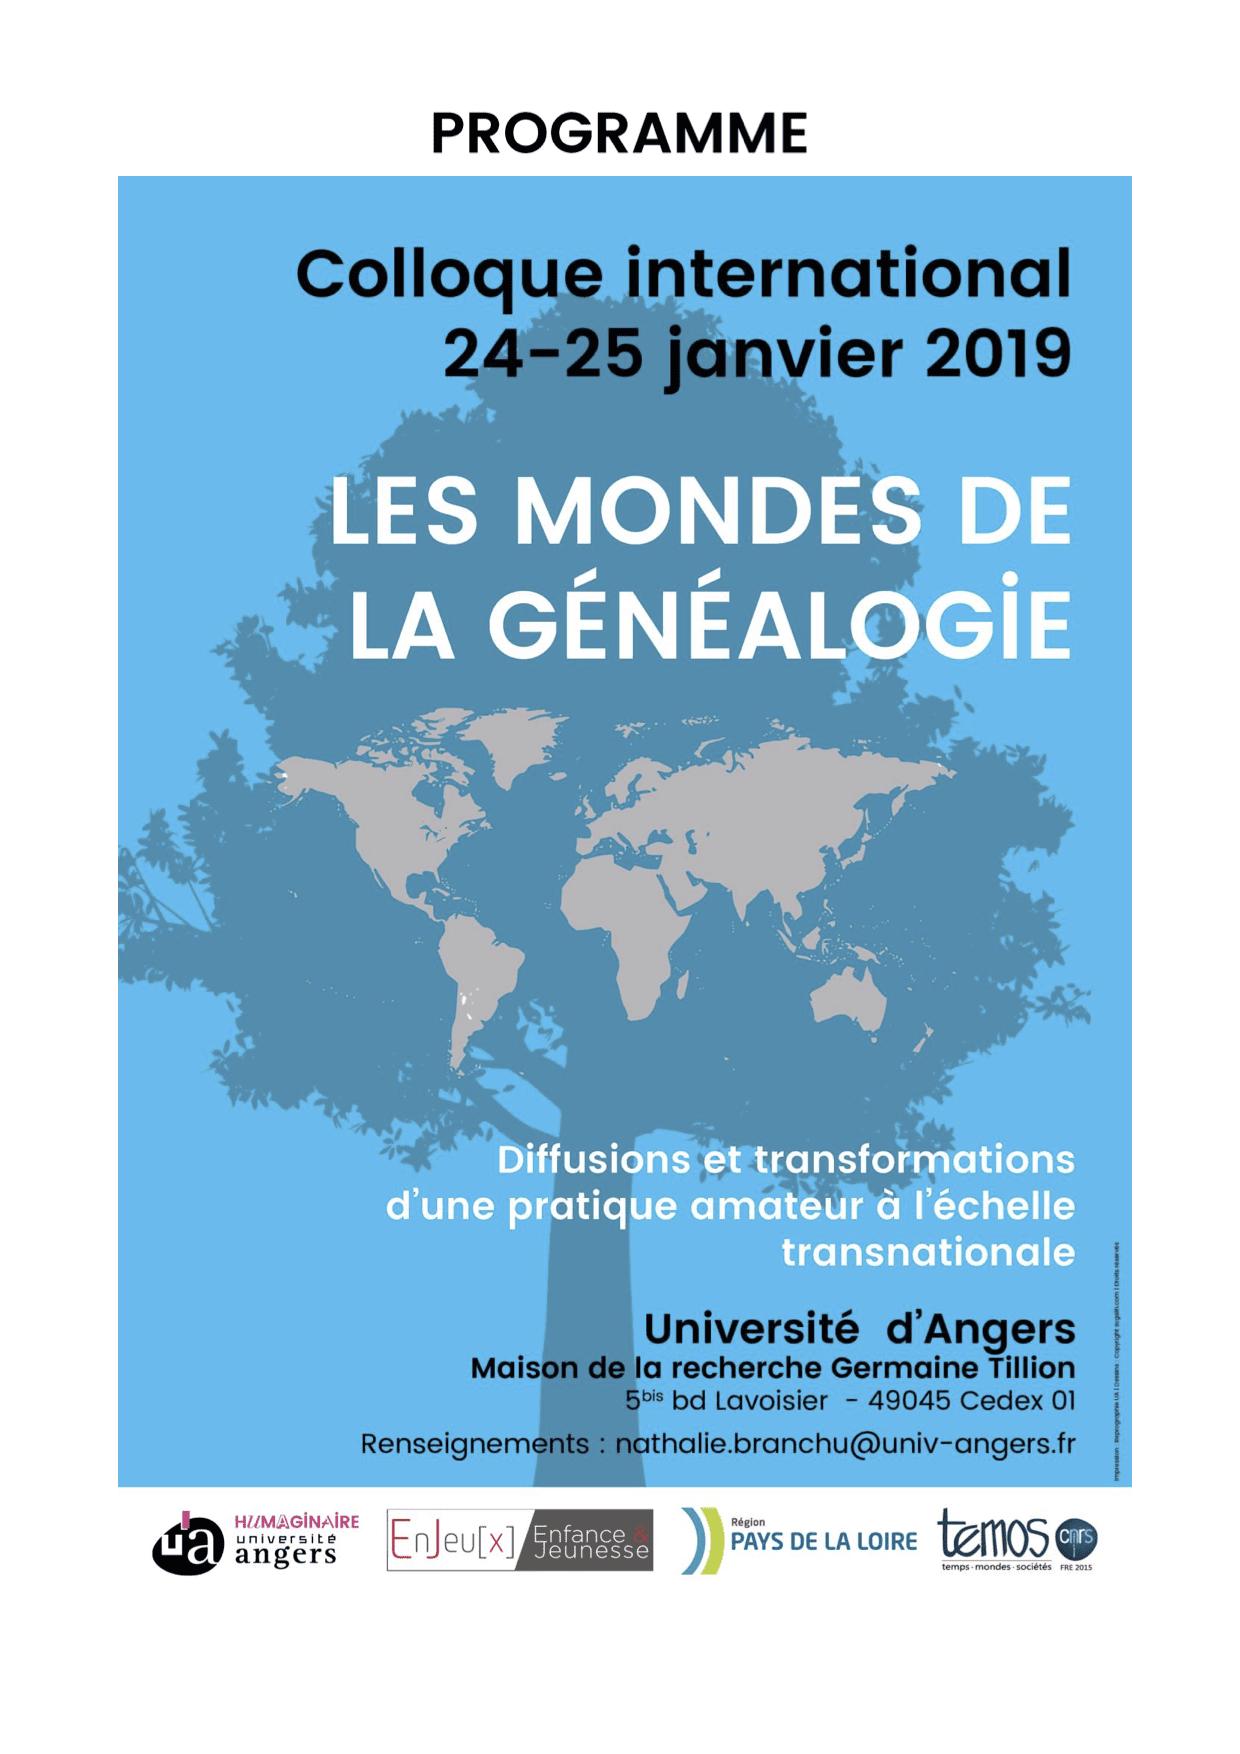 challengeAZ, Angers, généalogie